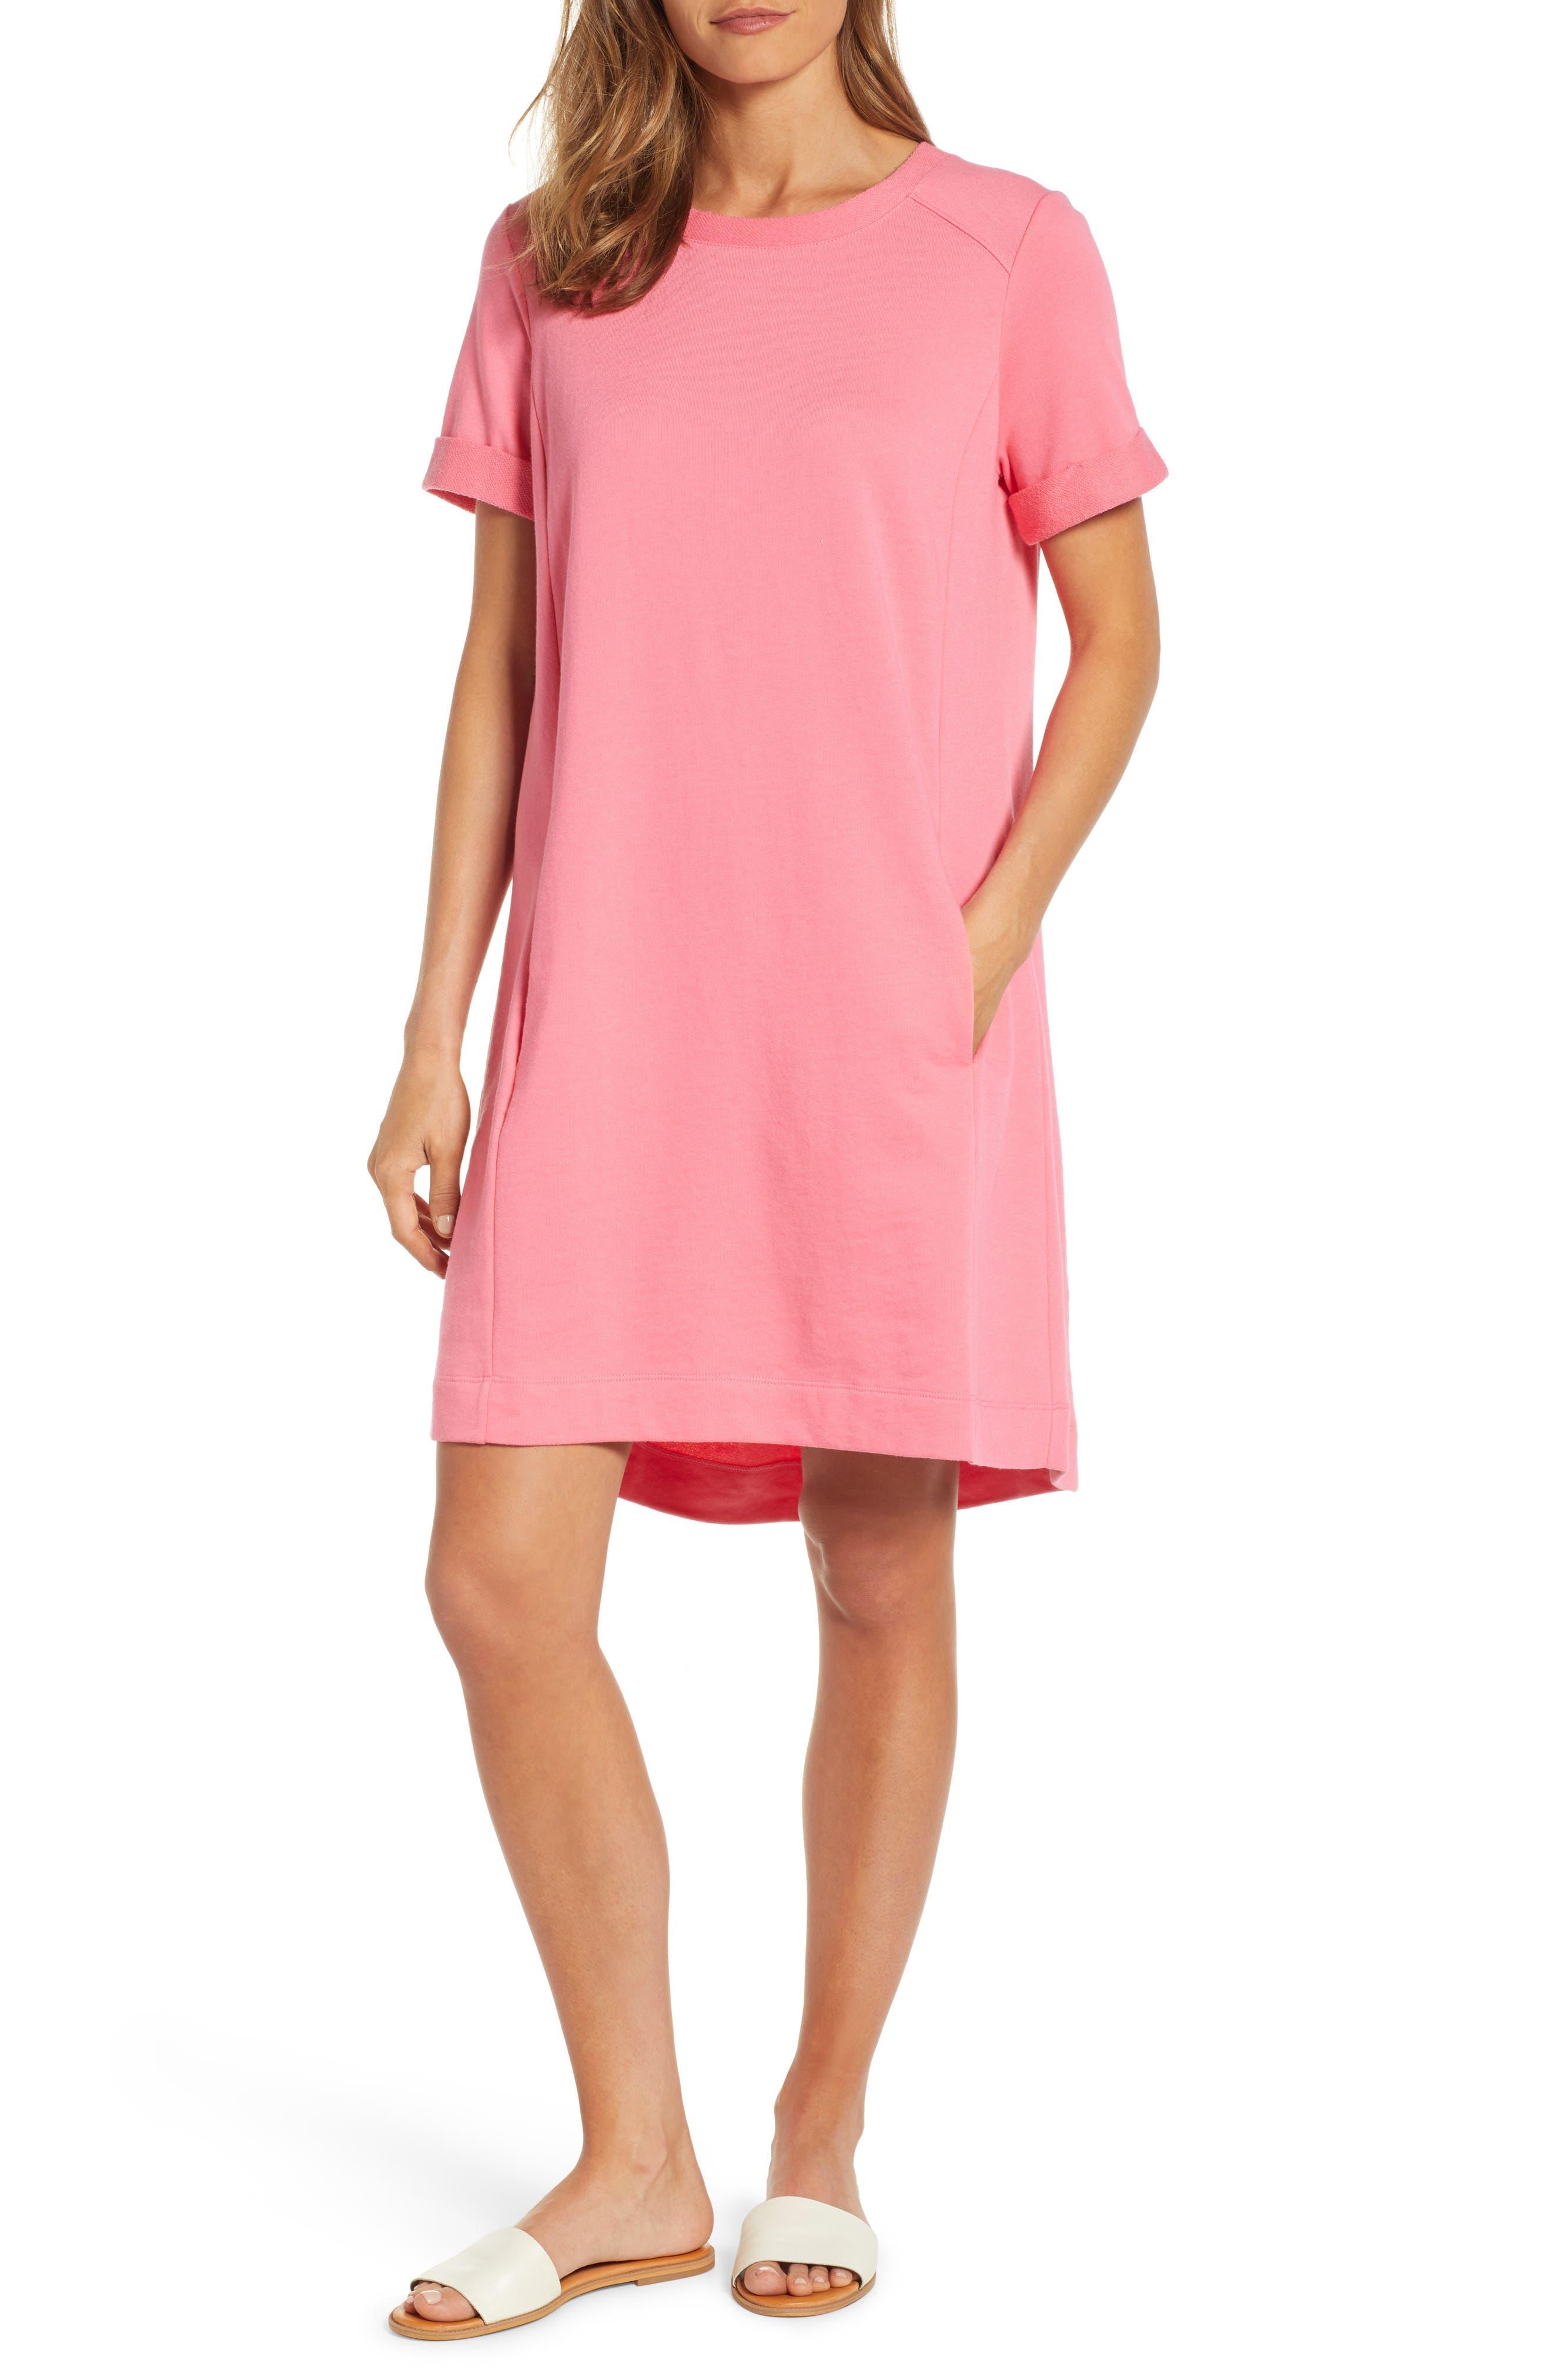 Caslon Short Sleeve Cotton Blend Dress, Pink